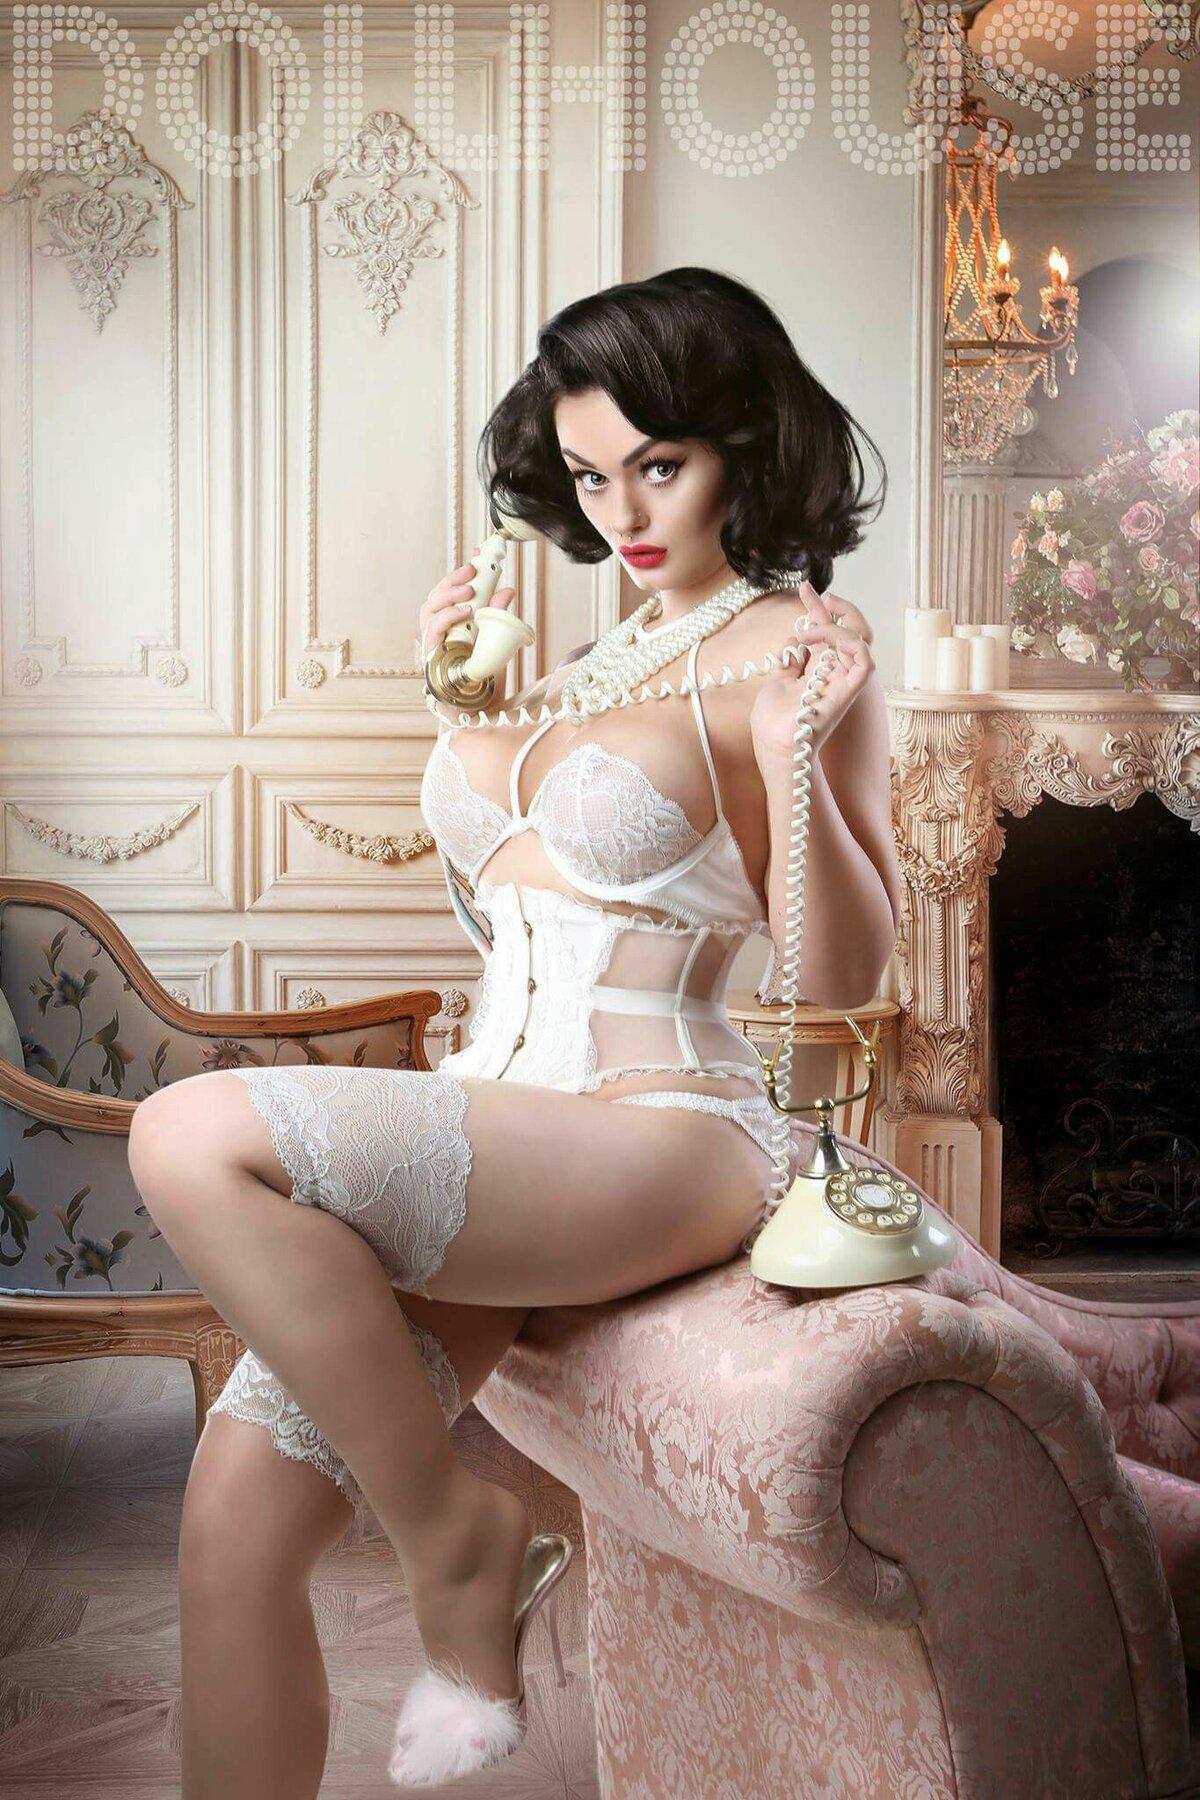 Девушки в ретро эротичном белье, прозрачные платья видны трусы фото